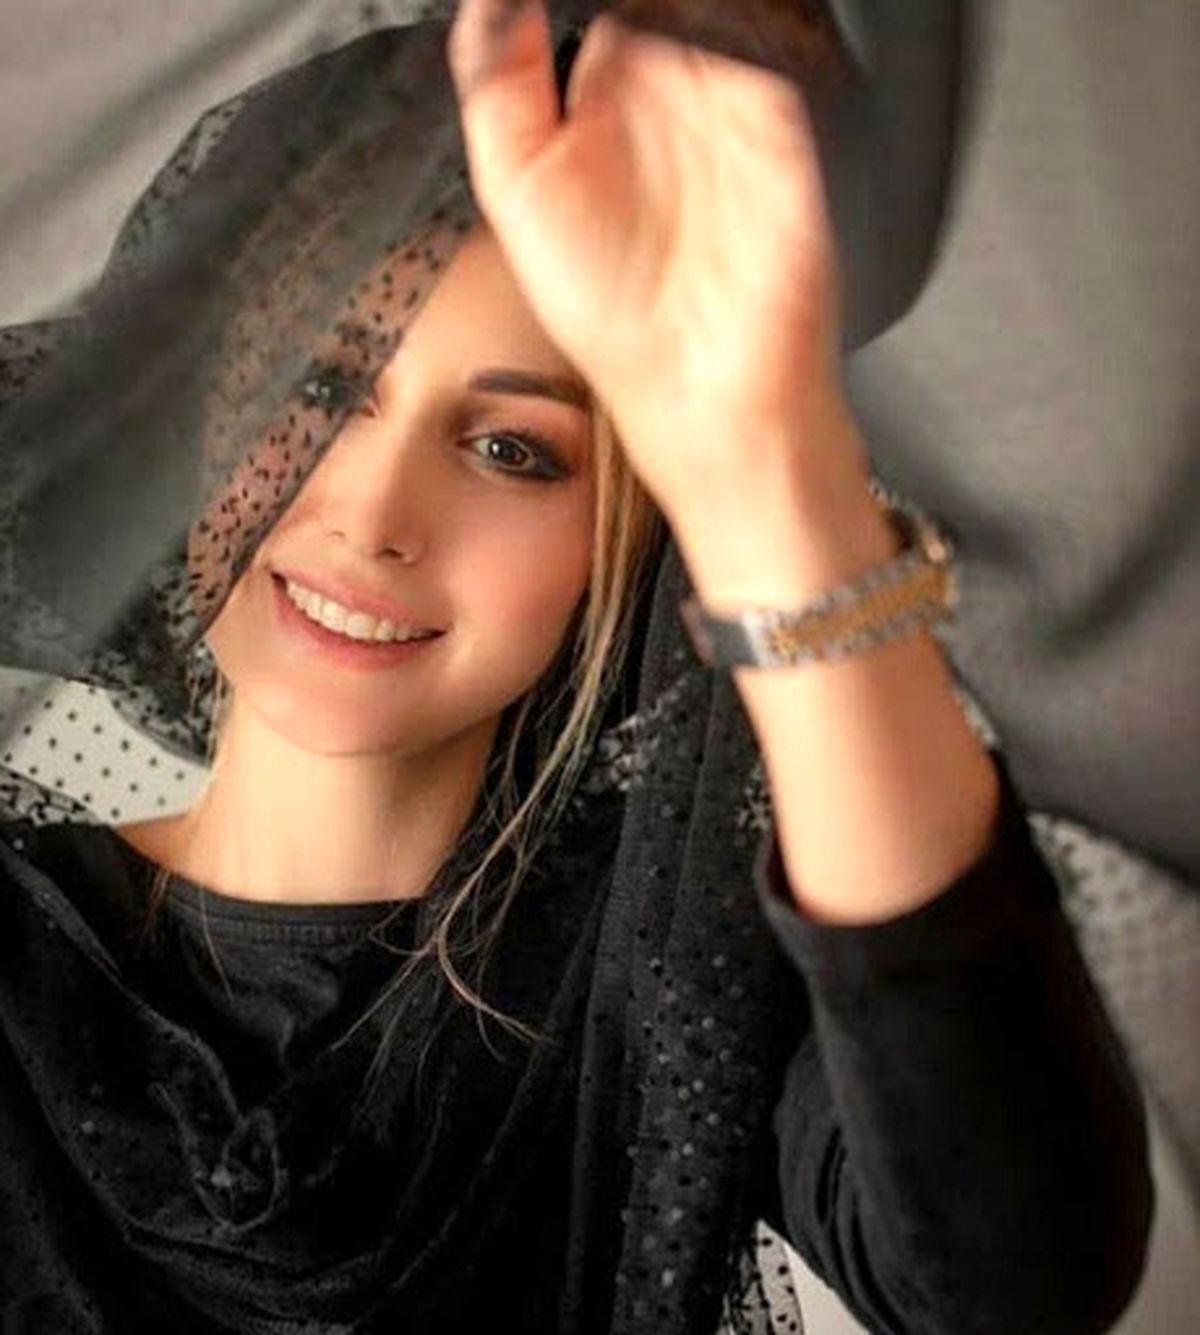 هدیه گران قیمت شاهرخ استخری به عشقش + عکس